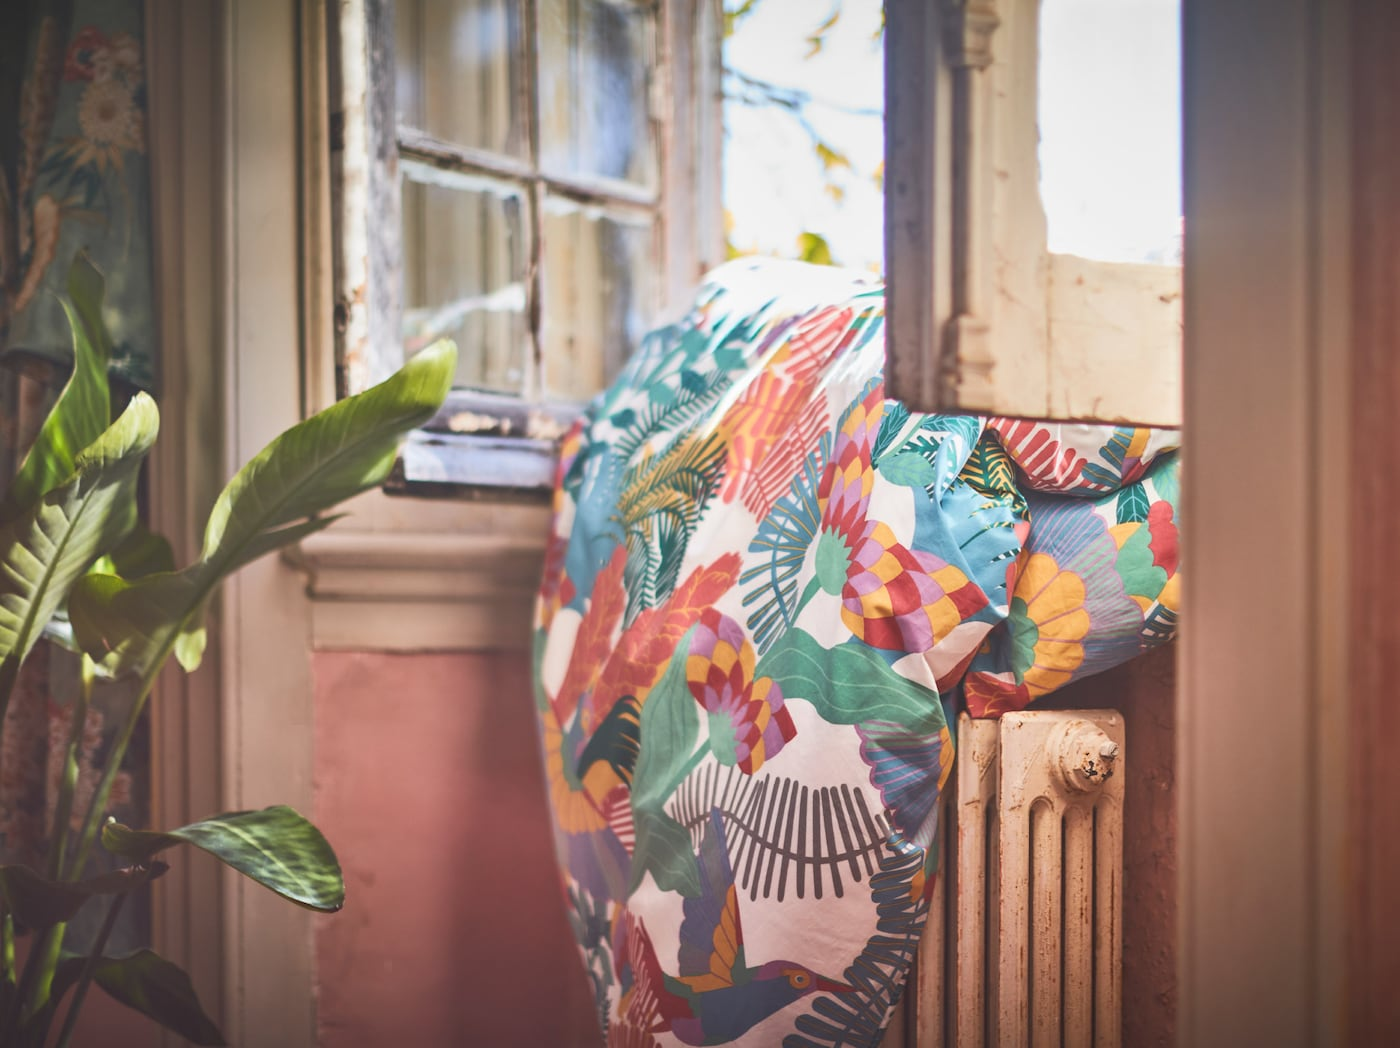 Funda nórdica SKOGSFIBBLA con un colorido estampado aclarado por el sol, colocada en una antigua ventana abierta sobre un radiador.